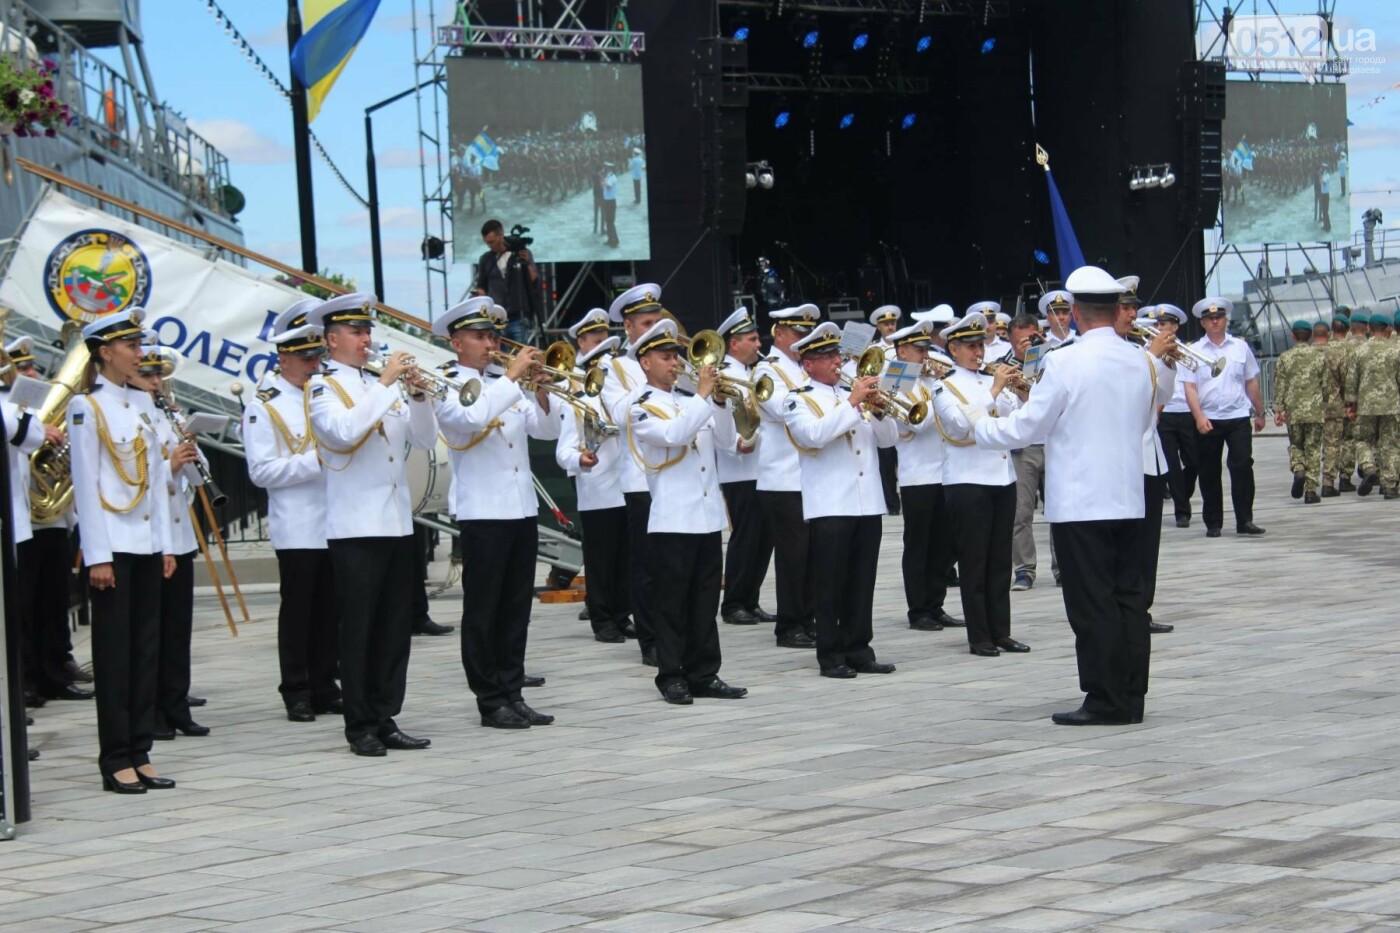 Полевая кухня, марш военных и выставка техники: как в Николаеве отмечали День ВМС Украины, фото-12